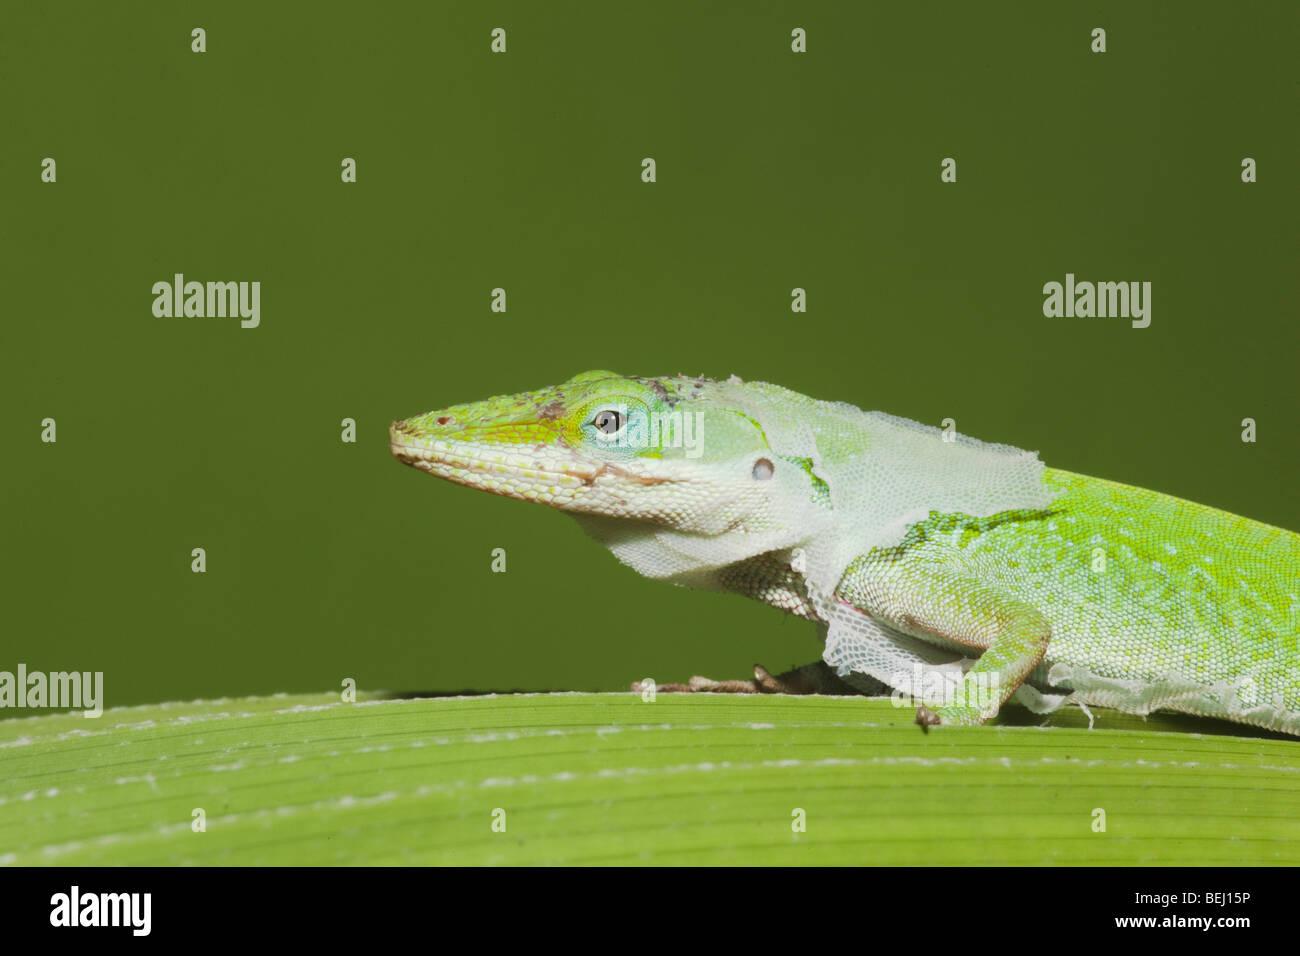 Best Pet Anole Lizards |Adult Anole Hendersons